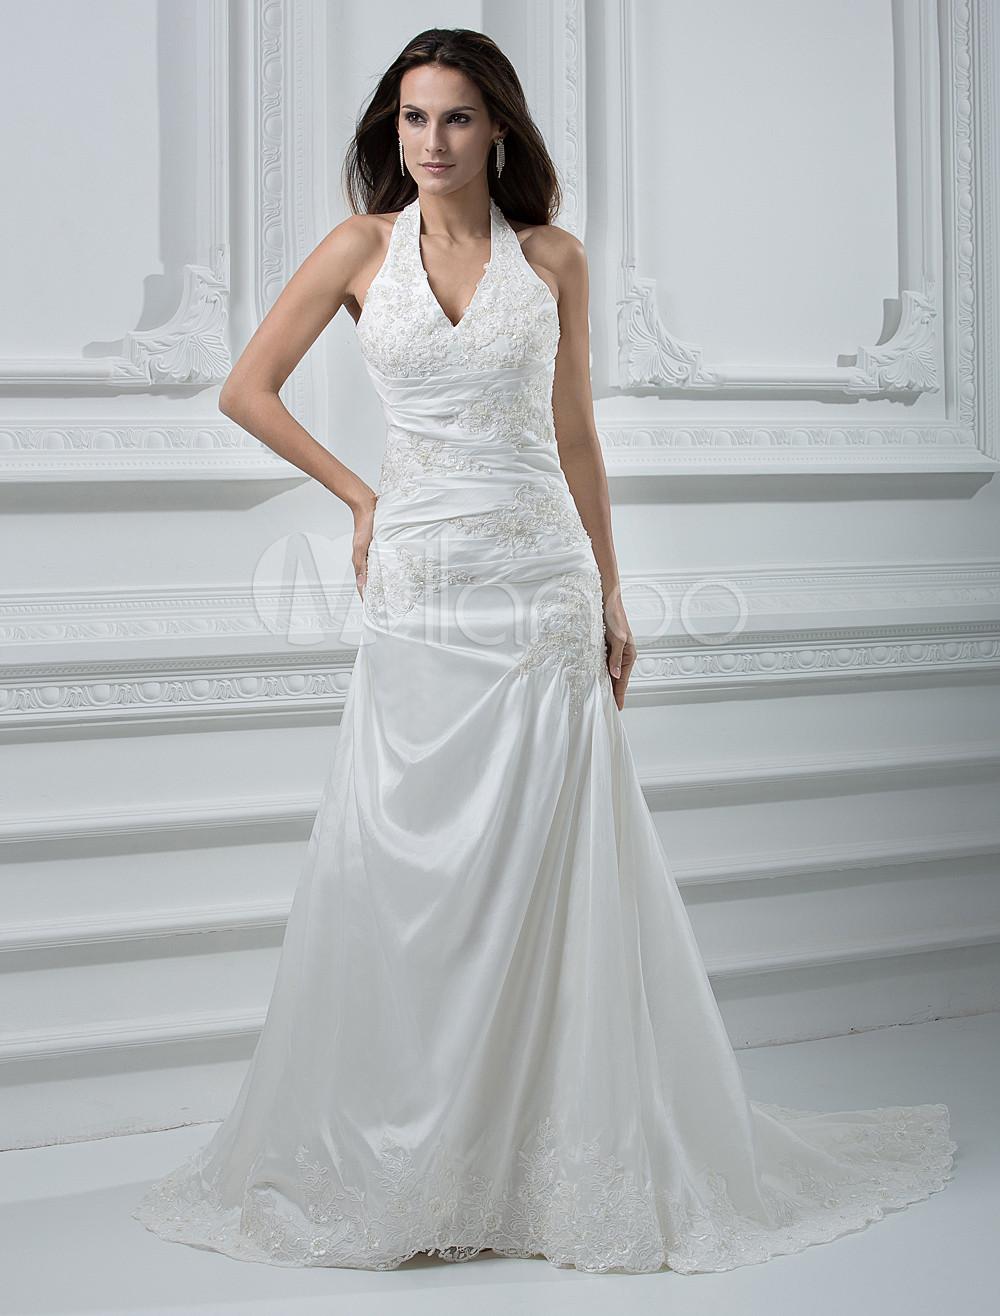 White Halter V Neck Embroidery Beaded Taffeta Wedding Dress